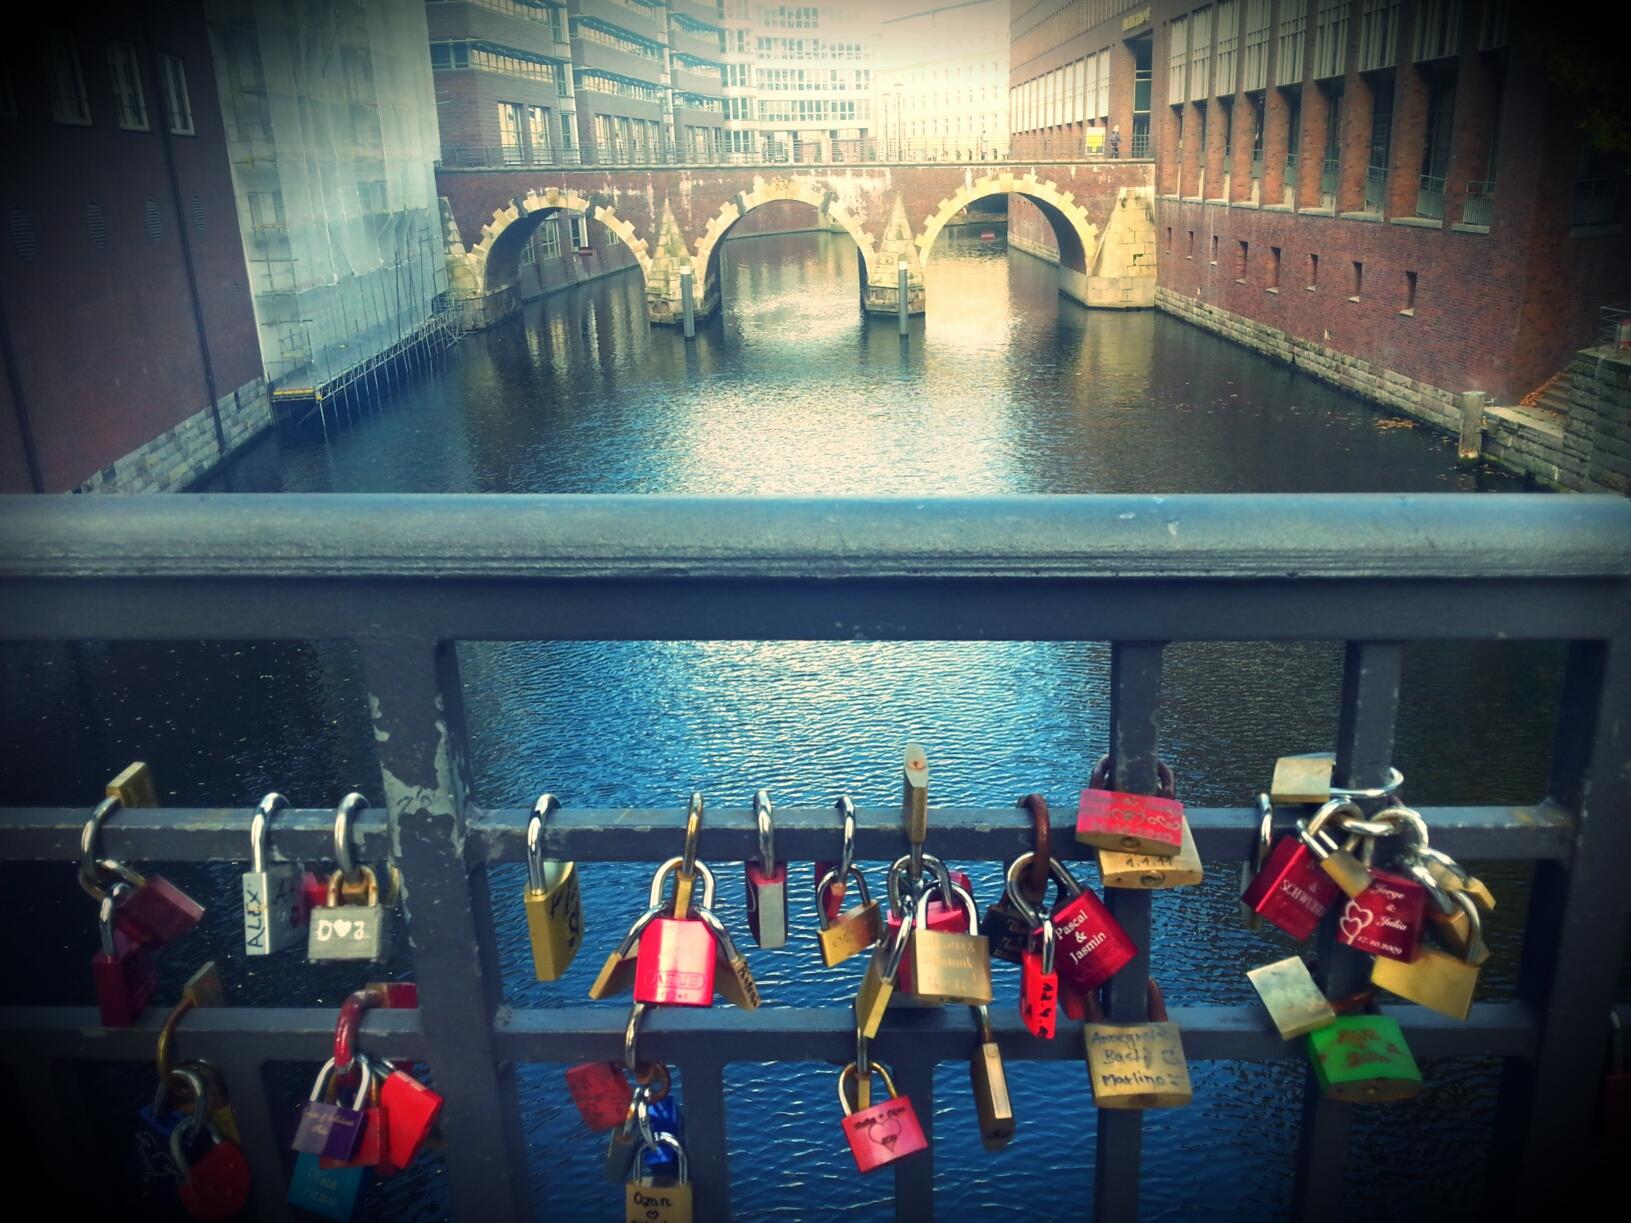 HamburgErfahren_Bruecke mit Schloessern